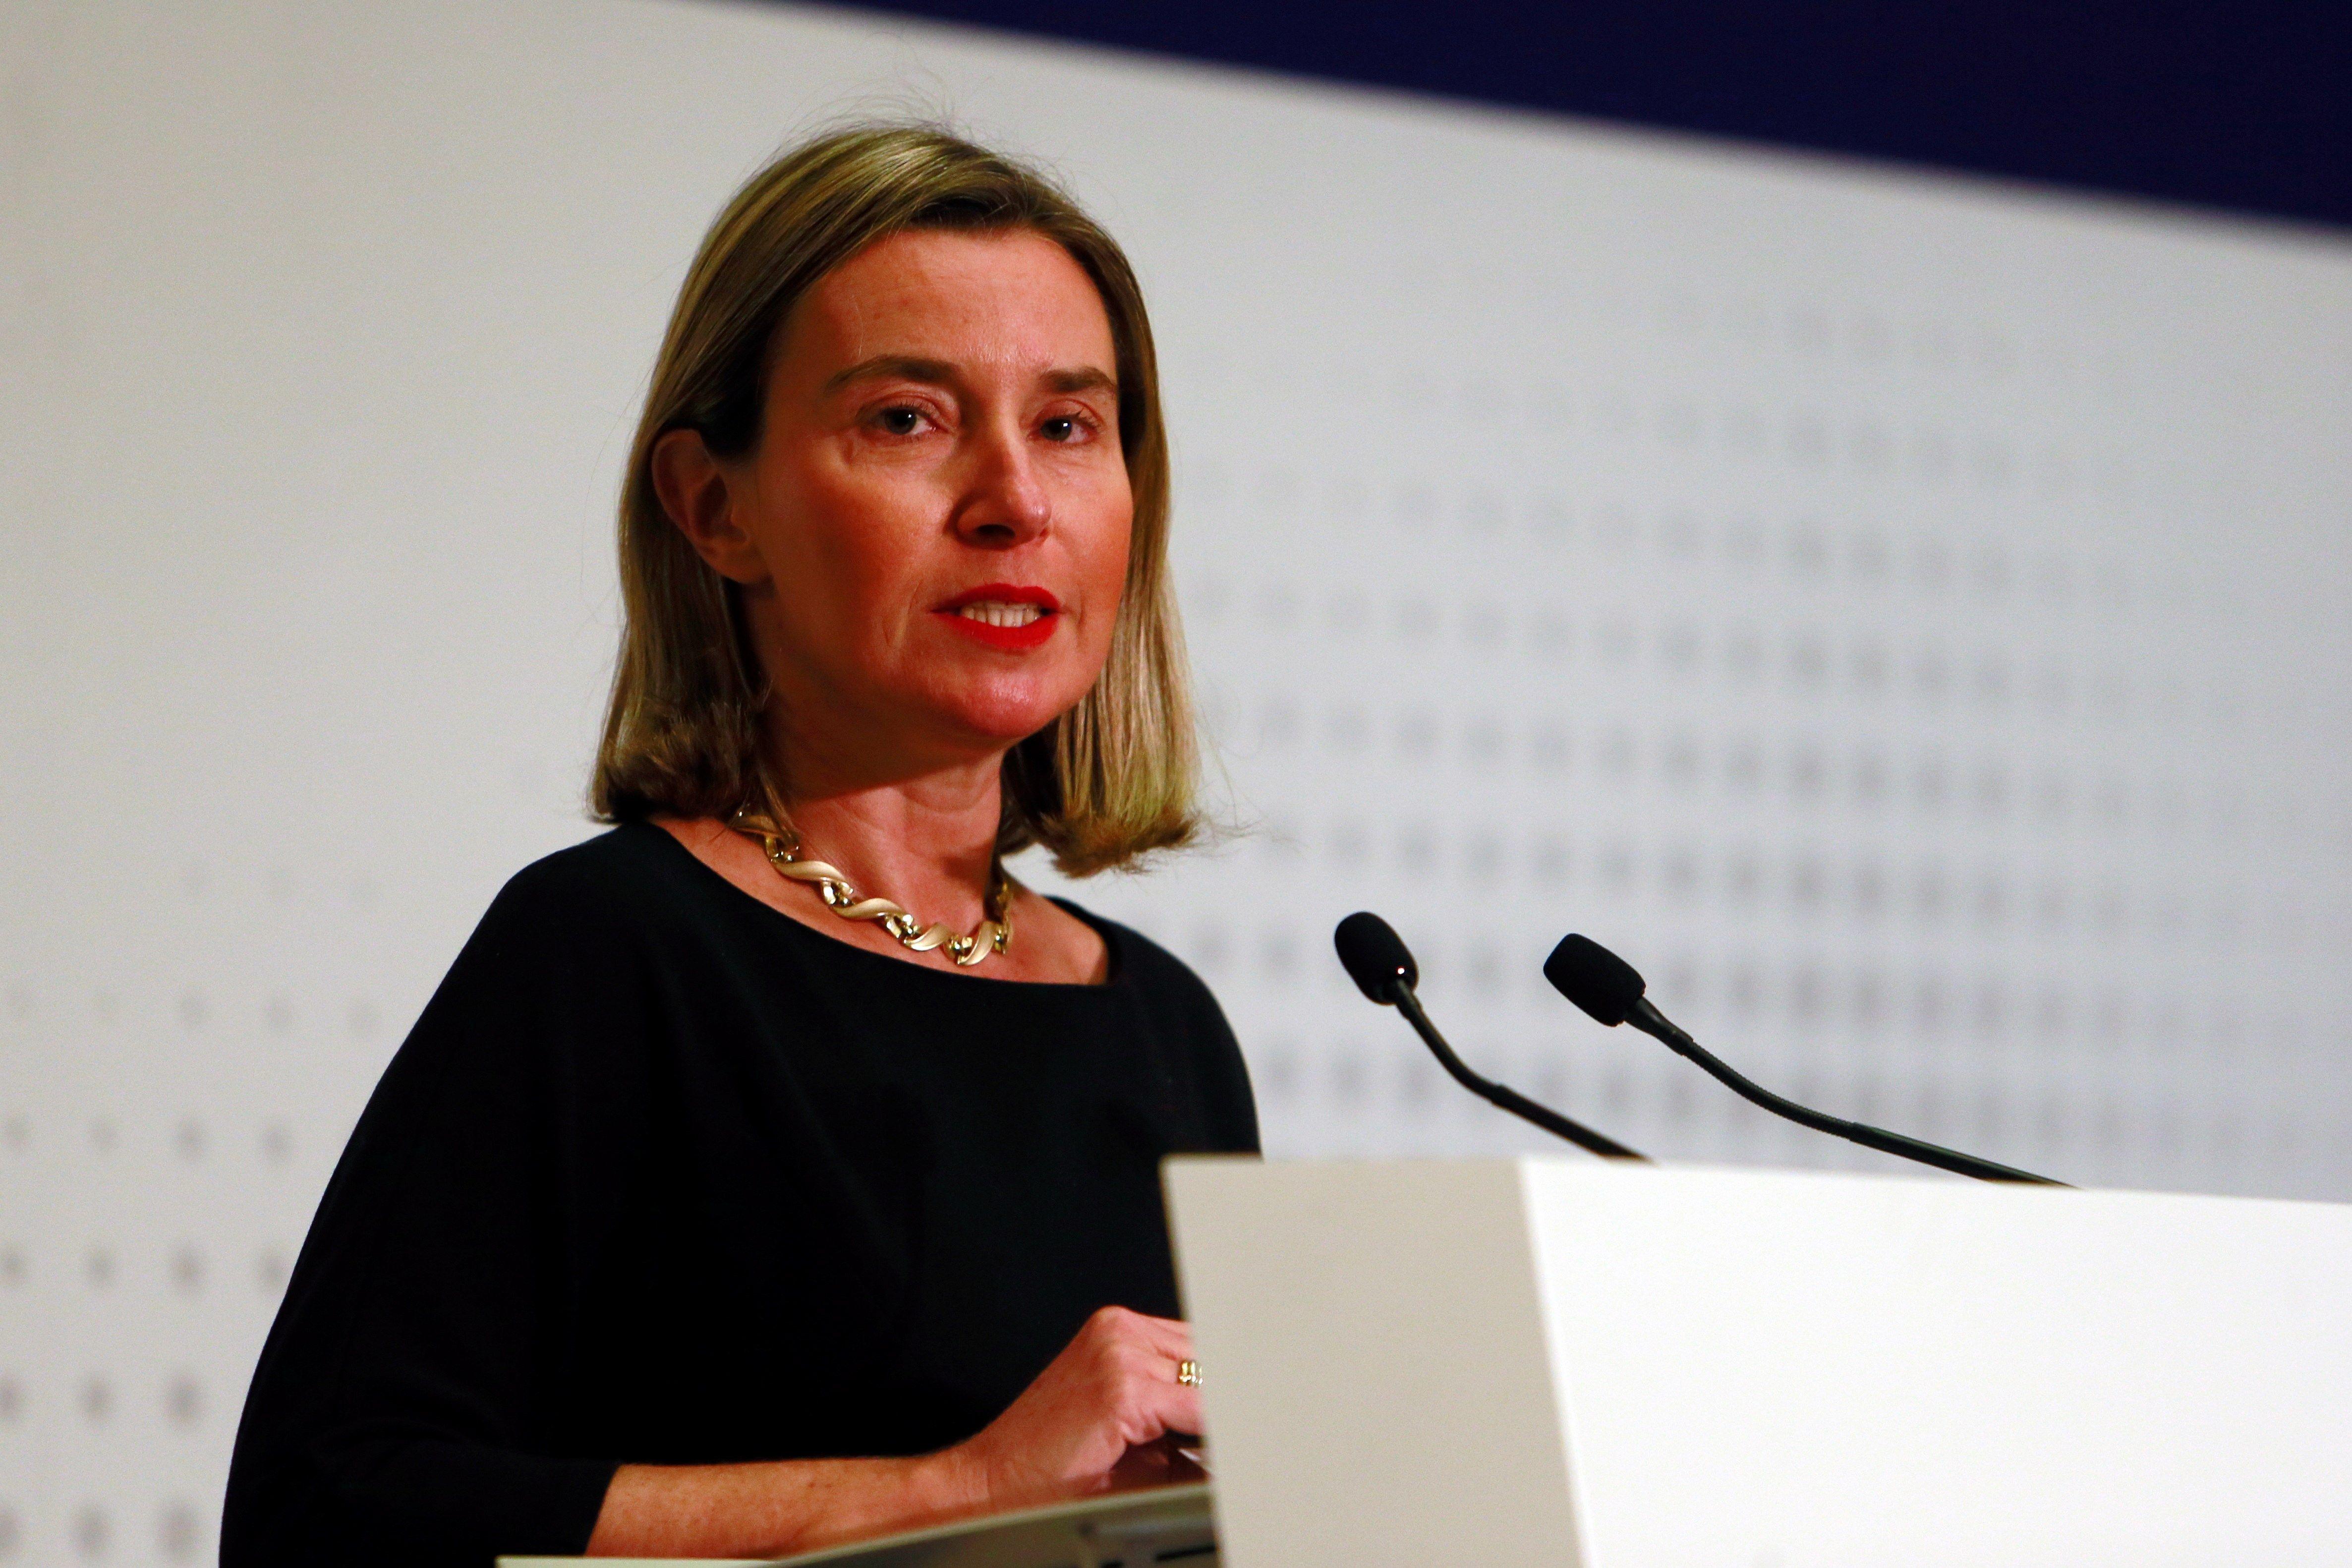 El Grupo Internacional de Contacto pide elecciones libres